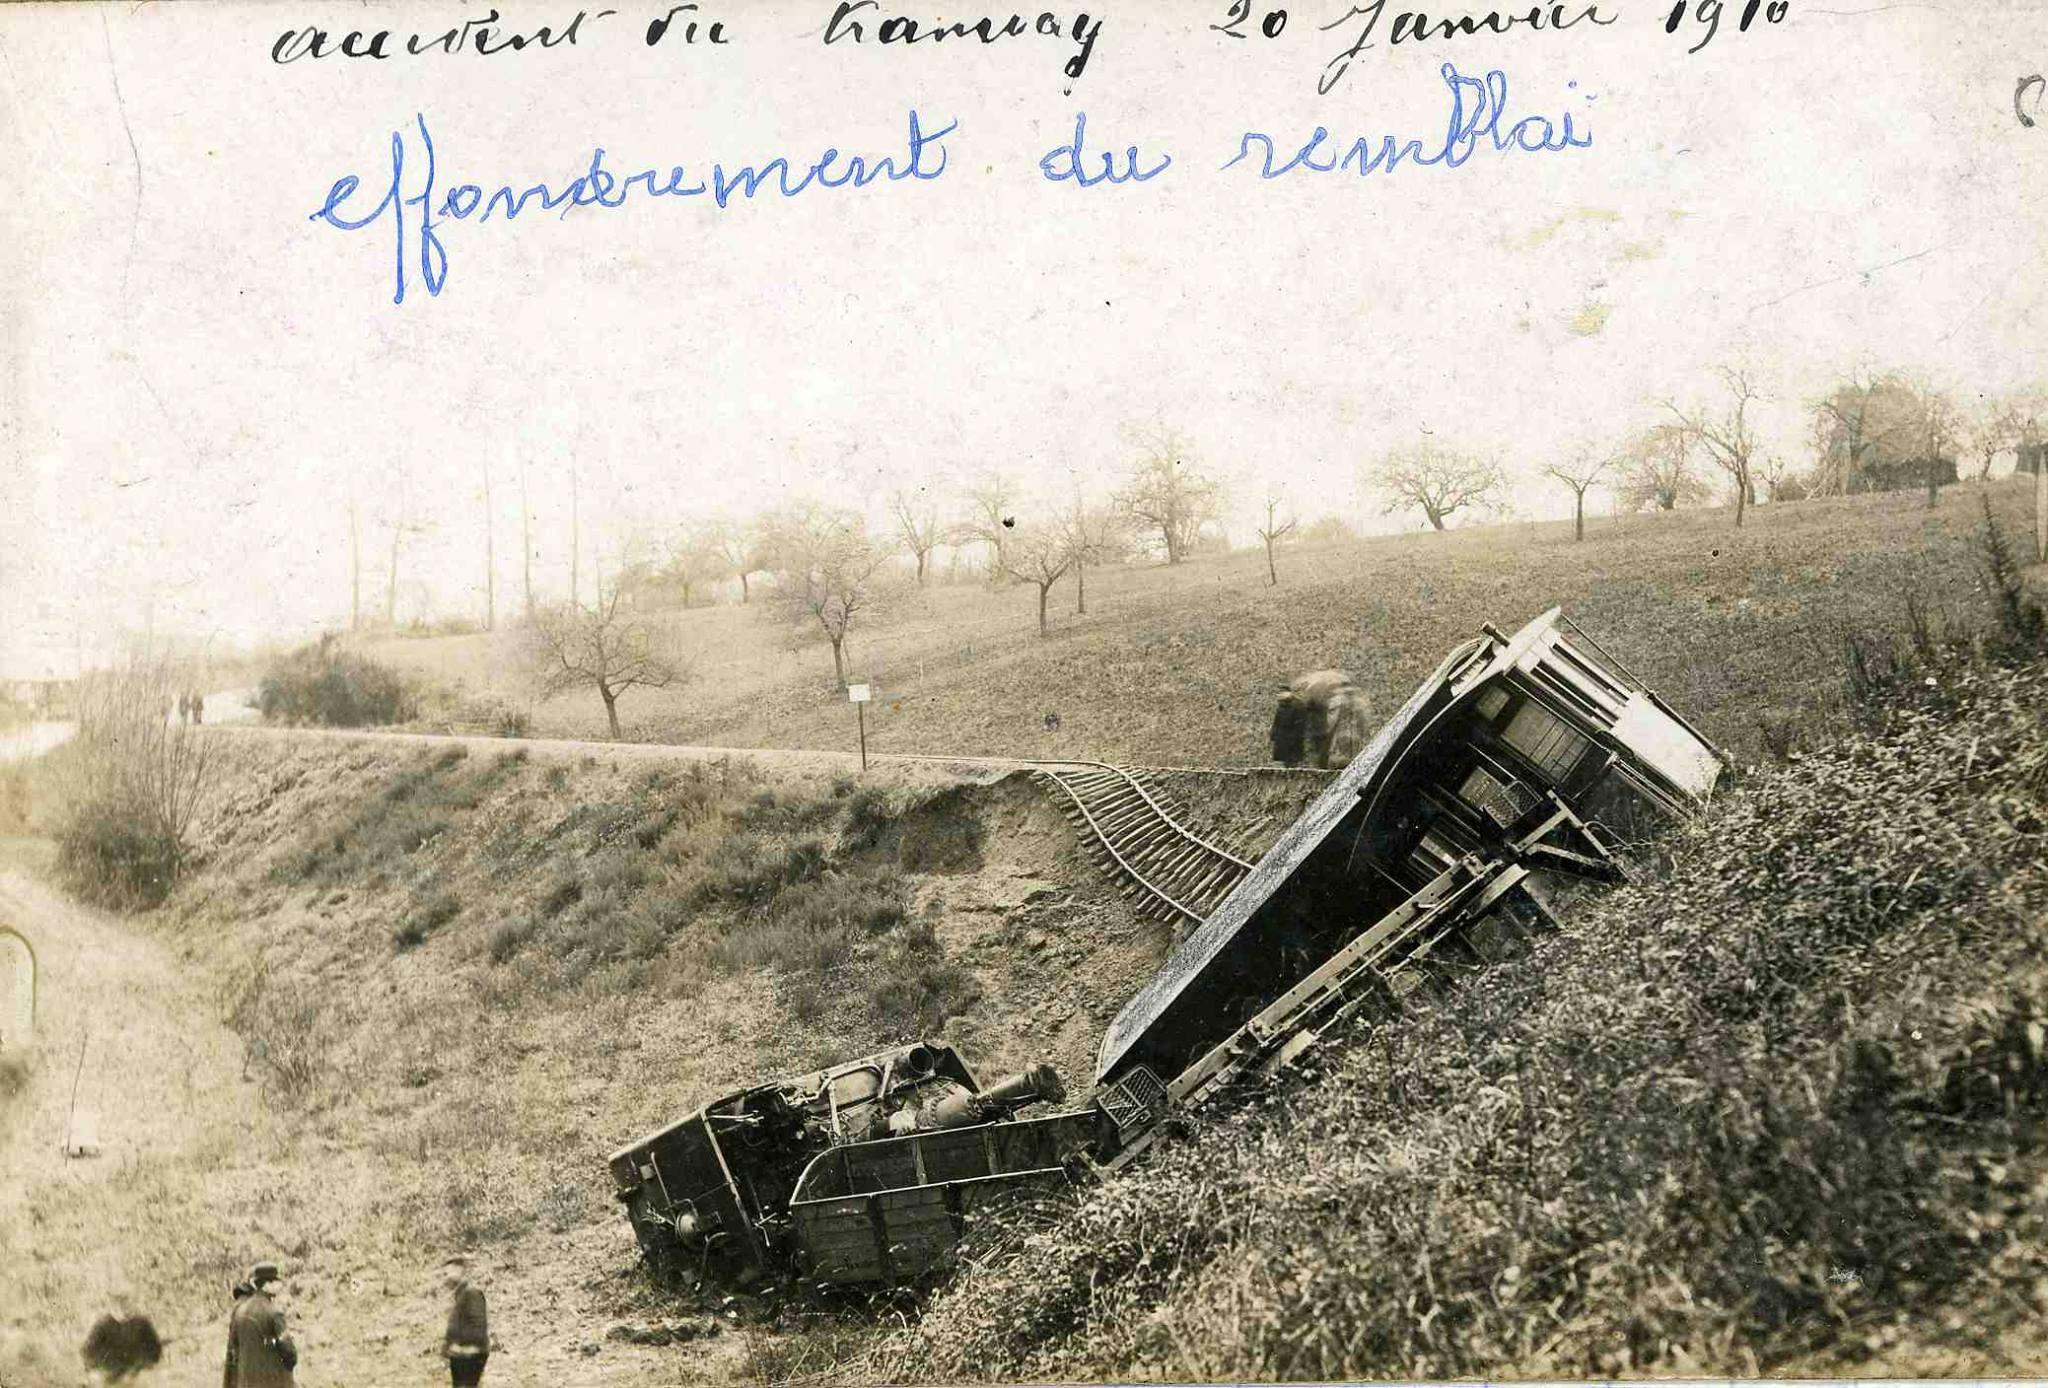 Mamers - Accident du tramway à vapeur le 20 janvier 1910 - Vue de côté (Michèle Ligot Robinet)